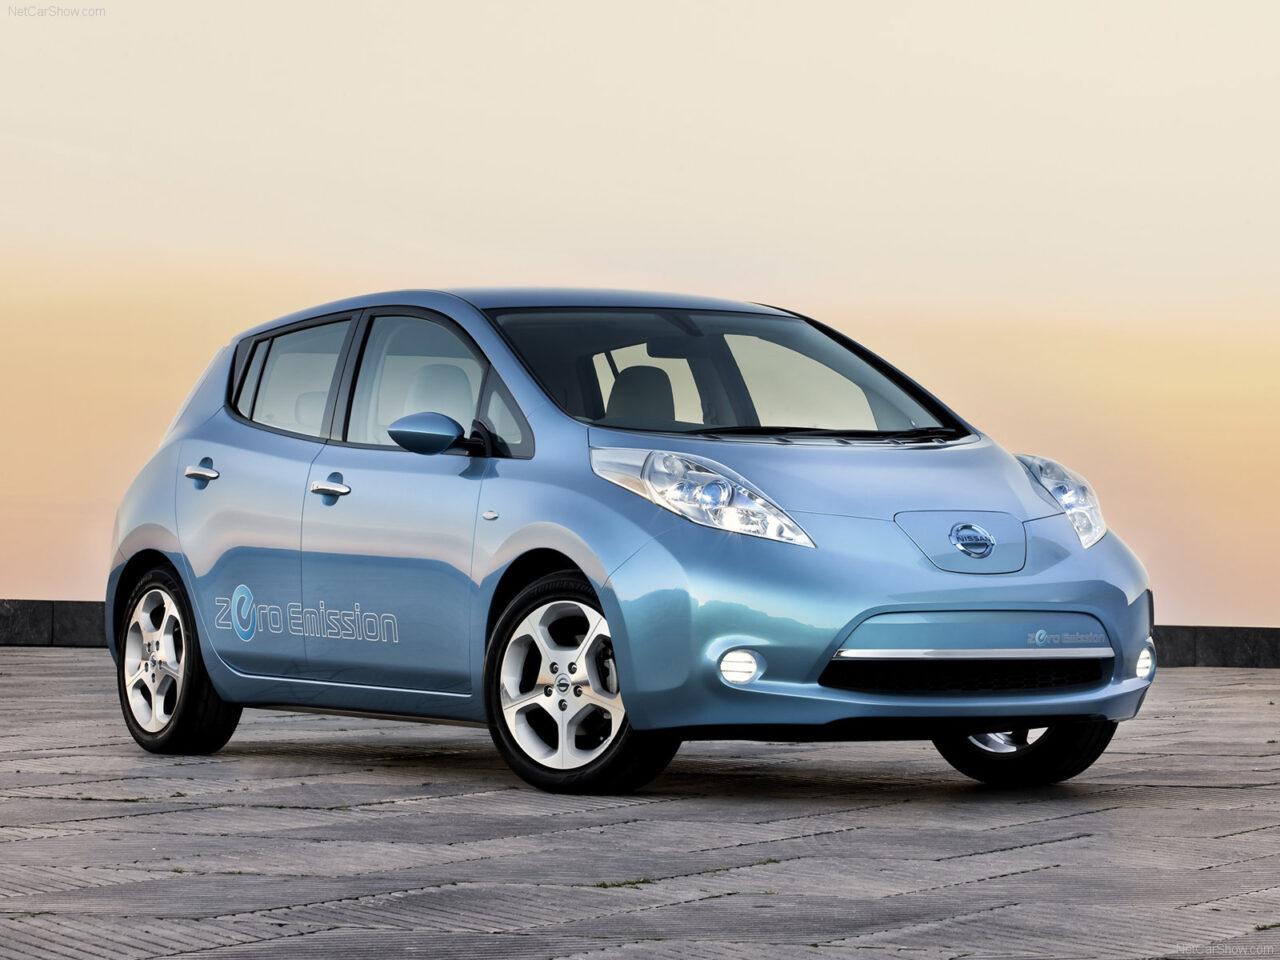 Mitos y realidades de los vehículos eléctricos